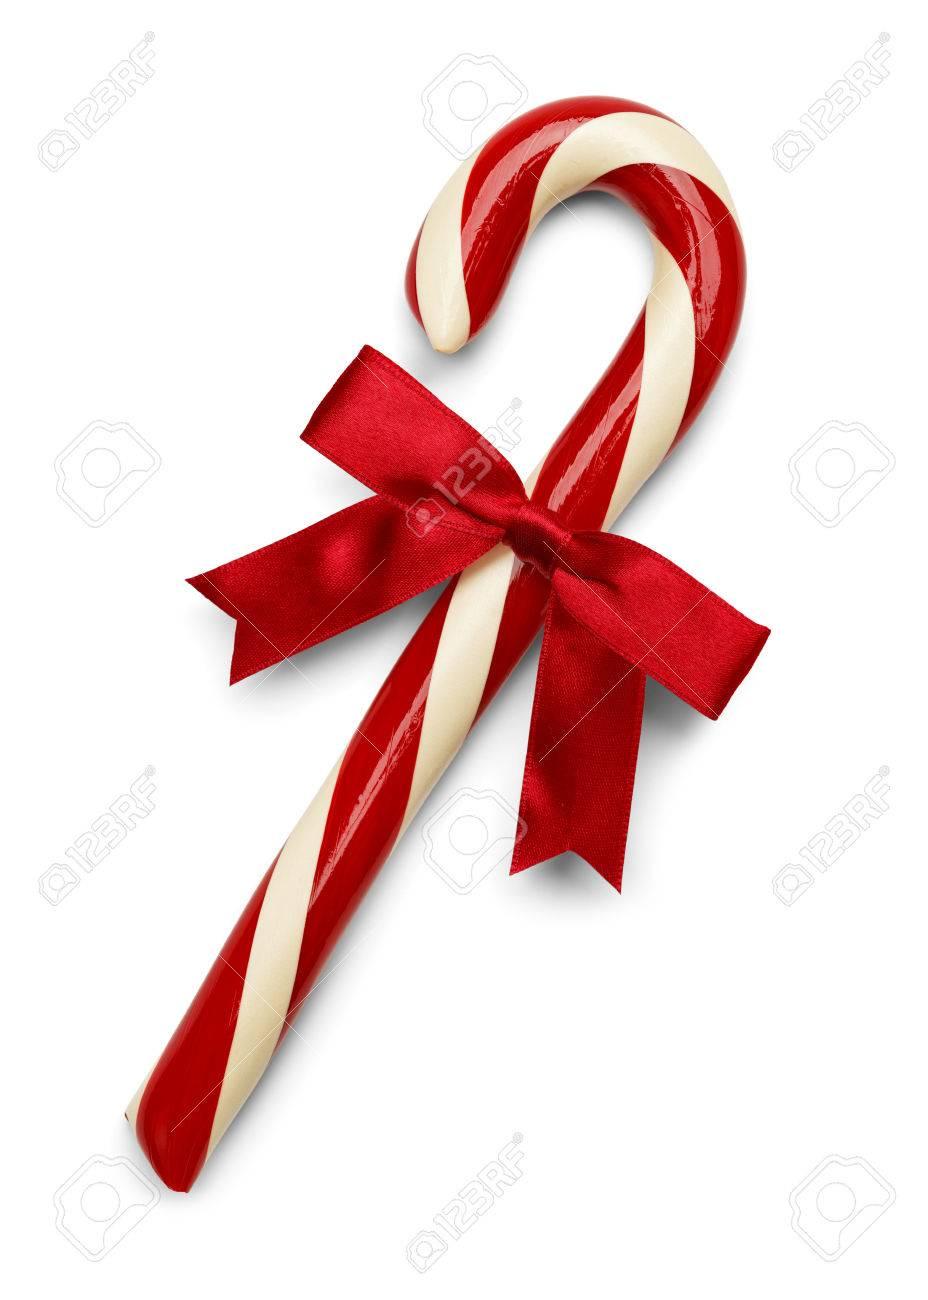 Weihnachten Candycane Mit Roter Schleife Auf Weißem Hintergrund ...